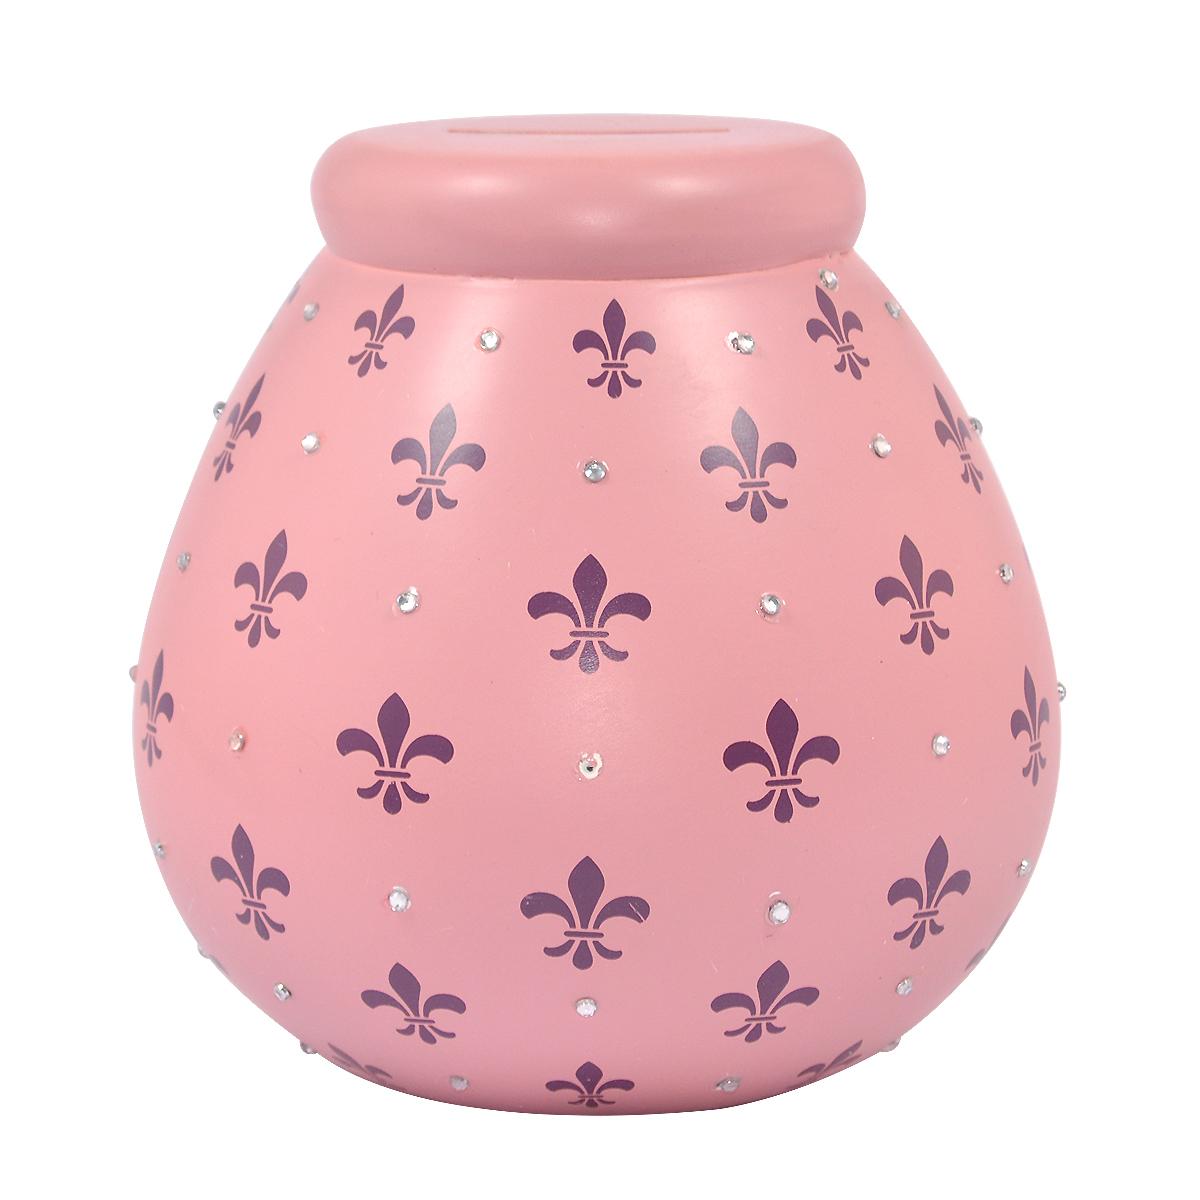 fleur de lys pots of dreams money pot gifts love kates. Black Bedroom Furniture Sets. Home Design Ideas